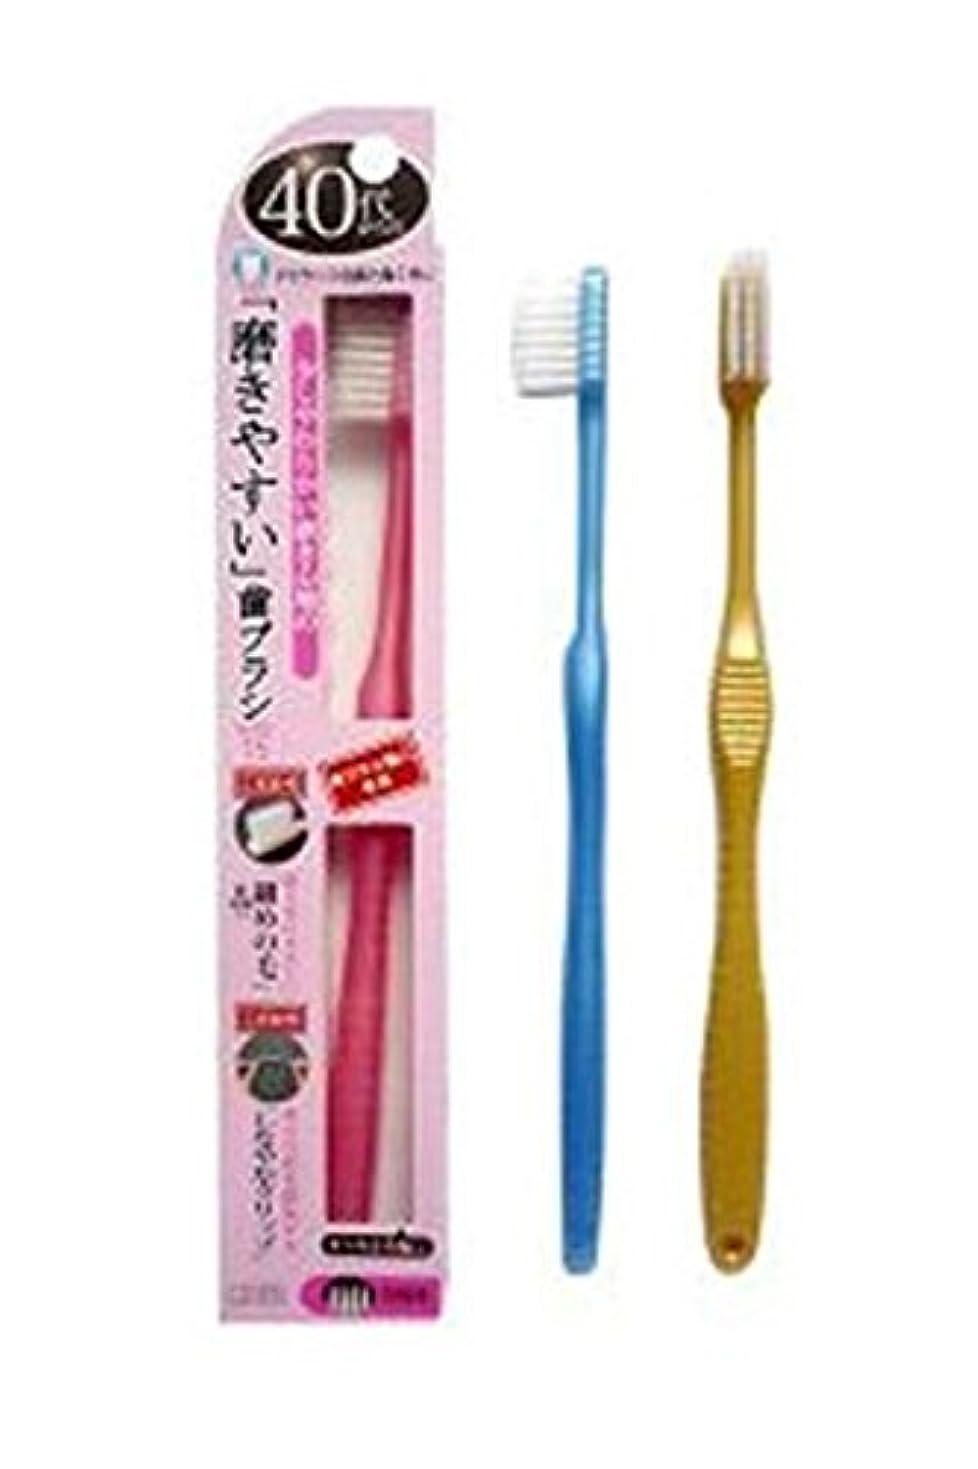 復活させる非常に怒っていますクリアライフレンジ 40代からの「磨きやすい」歯ブラシ 先細 12本 (ピンク4、ブルー4、ゴールド4)アソート